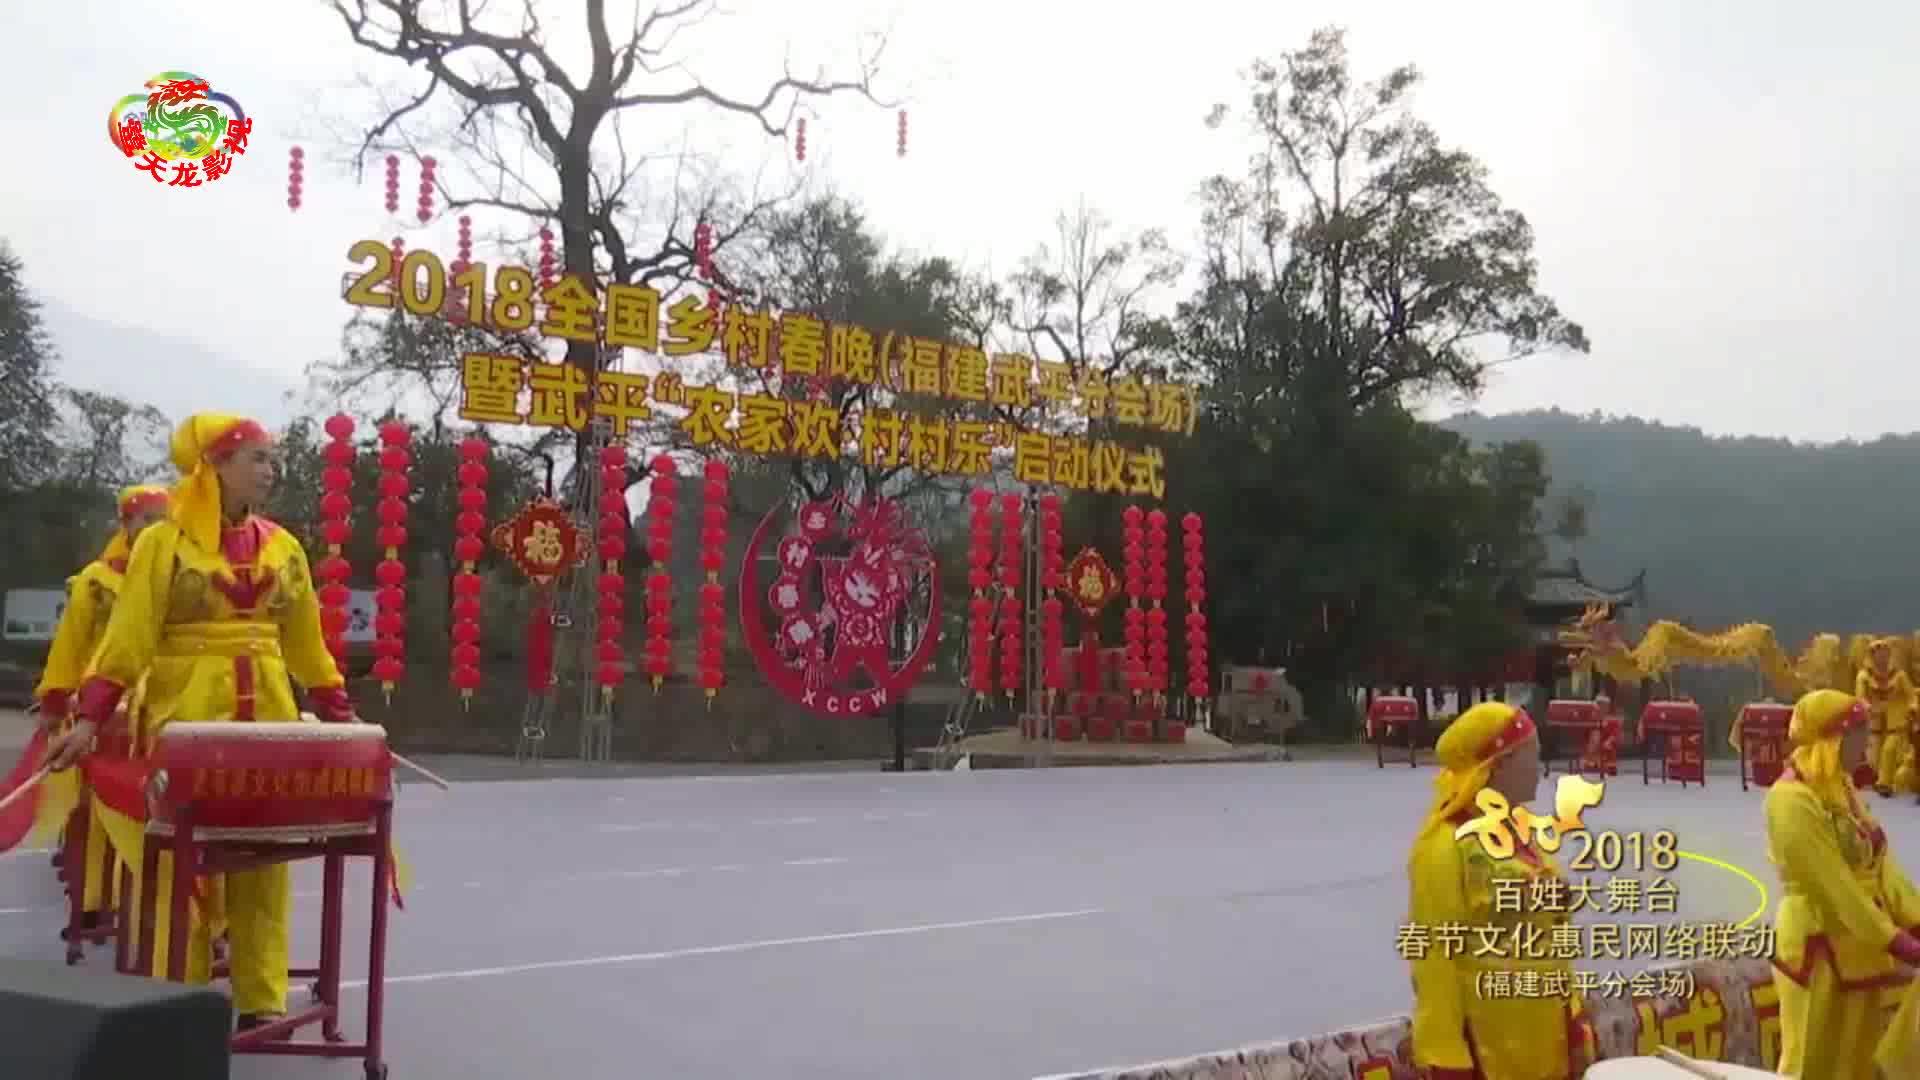 #新年套路#2018百姓大舞台春节文化惠民网络联动福建分会场《盛世欢歌》